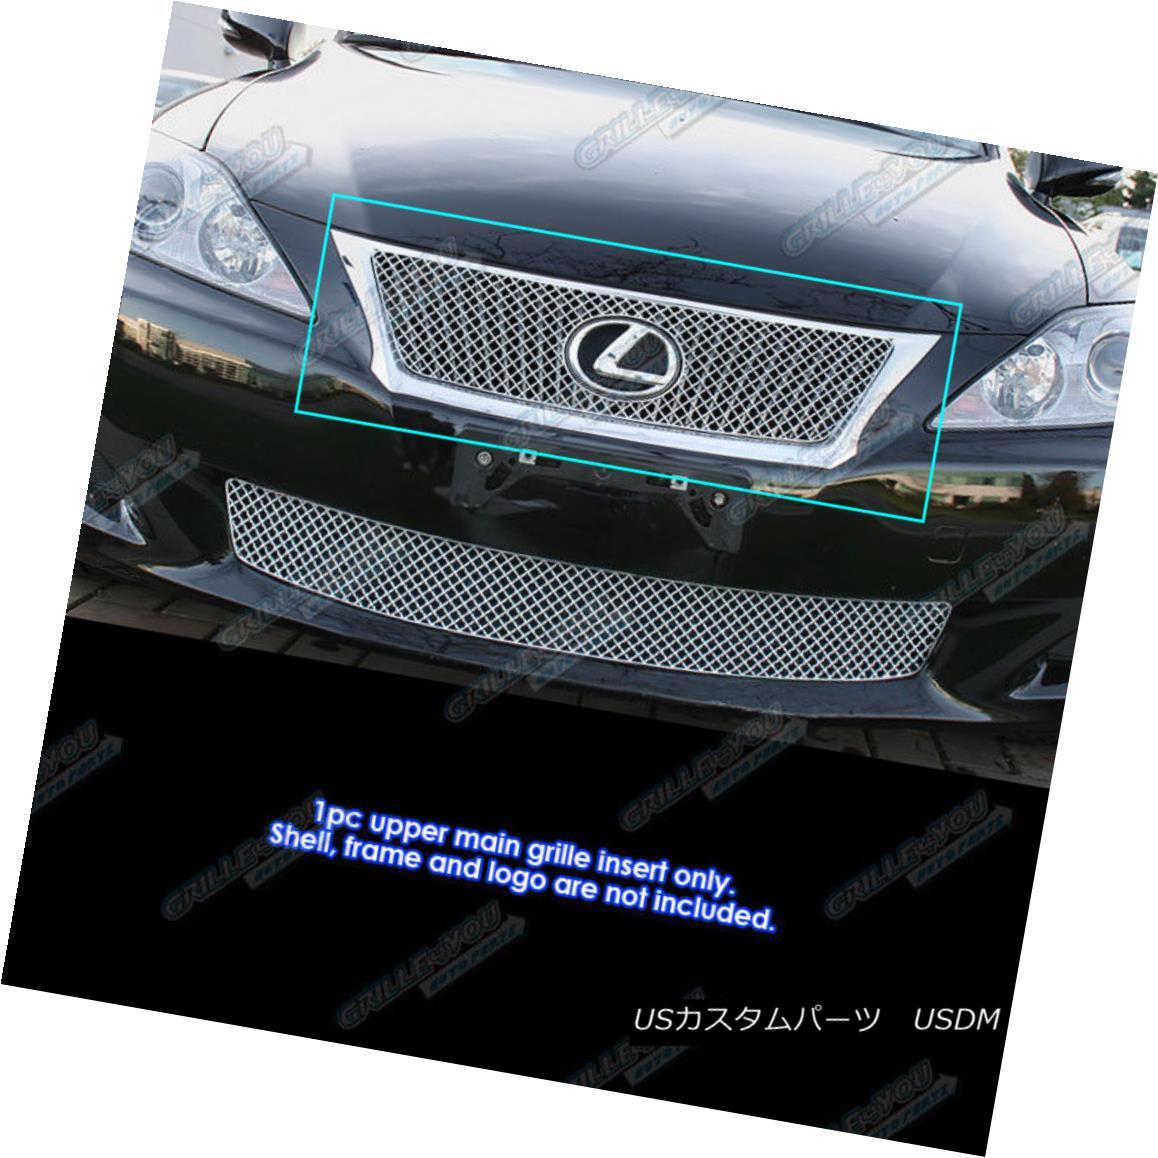 グリル Fits 2009-2011 Lexus IS 250/IS 350 Stainless Steel X Mesh Grille Insert 2009-2011 Lexus IS 250 / IS 350ステンレススチールメッシュグリルインサート